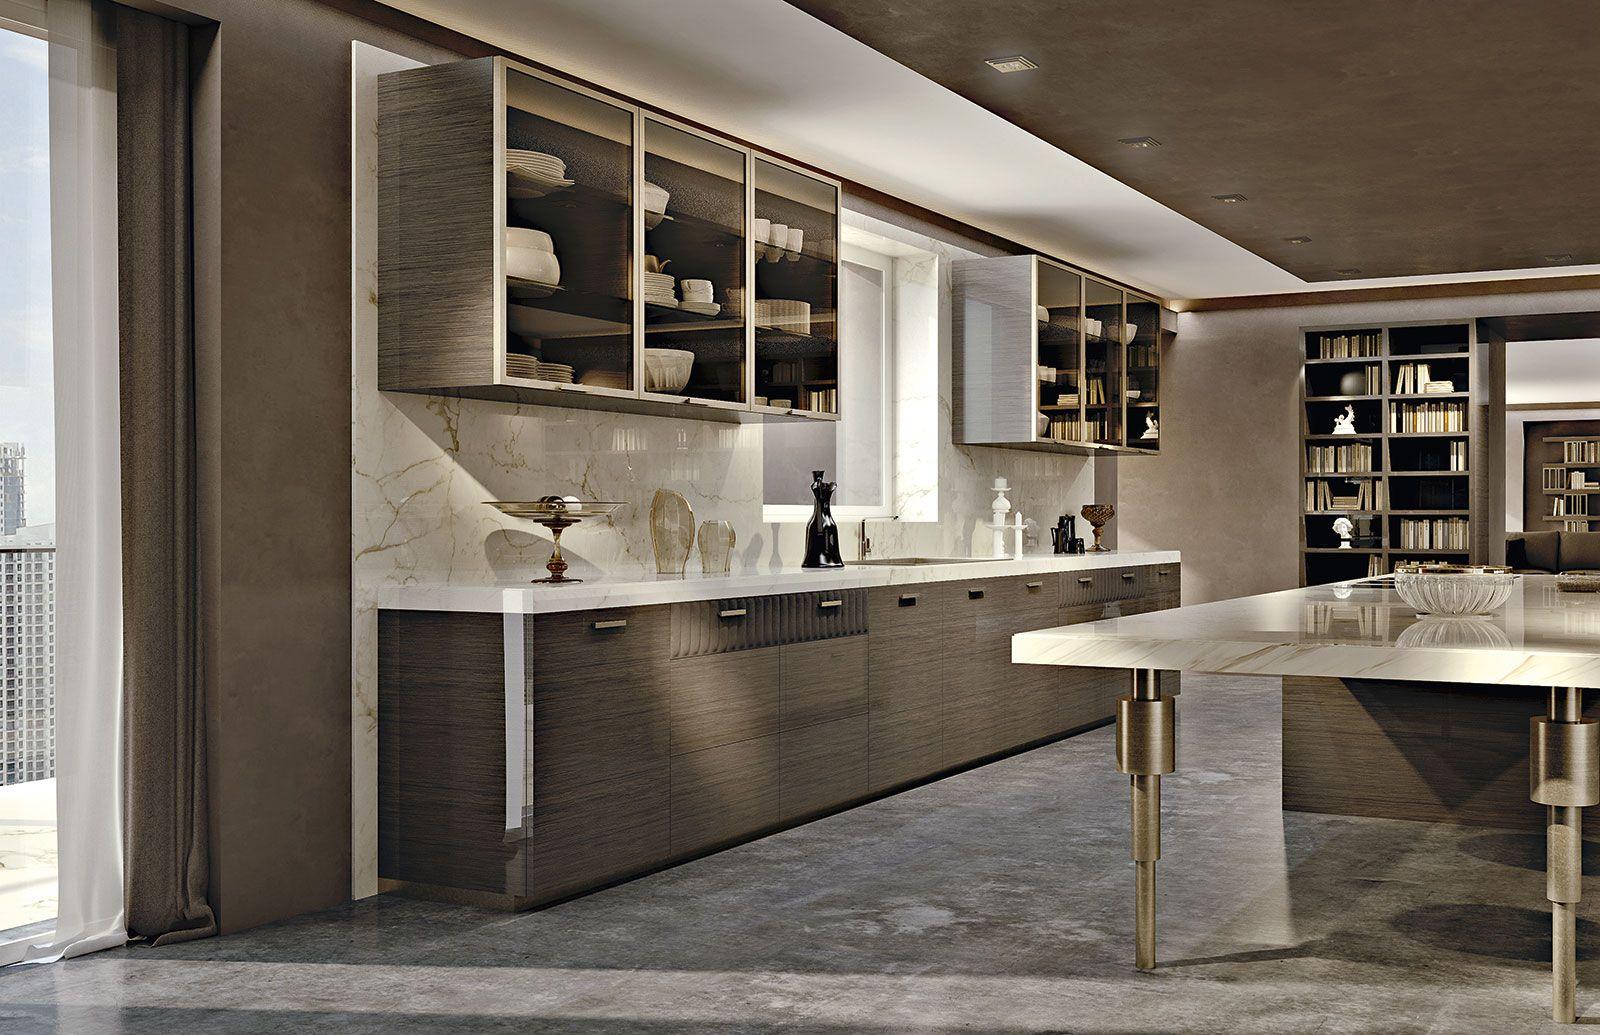 daytona arredamento contemporaneo moderno di lusso e mobili stile ... - Arredamento Contemporaneo Design